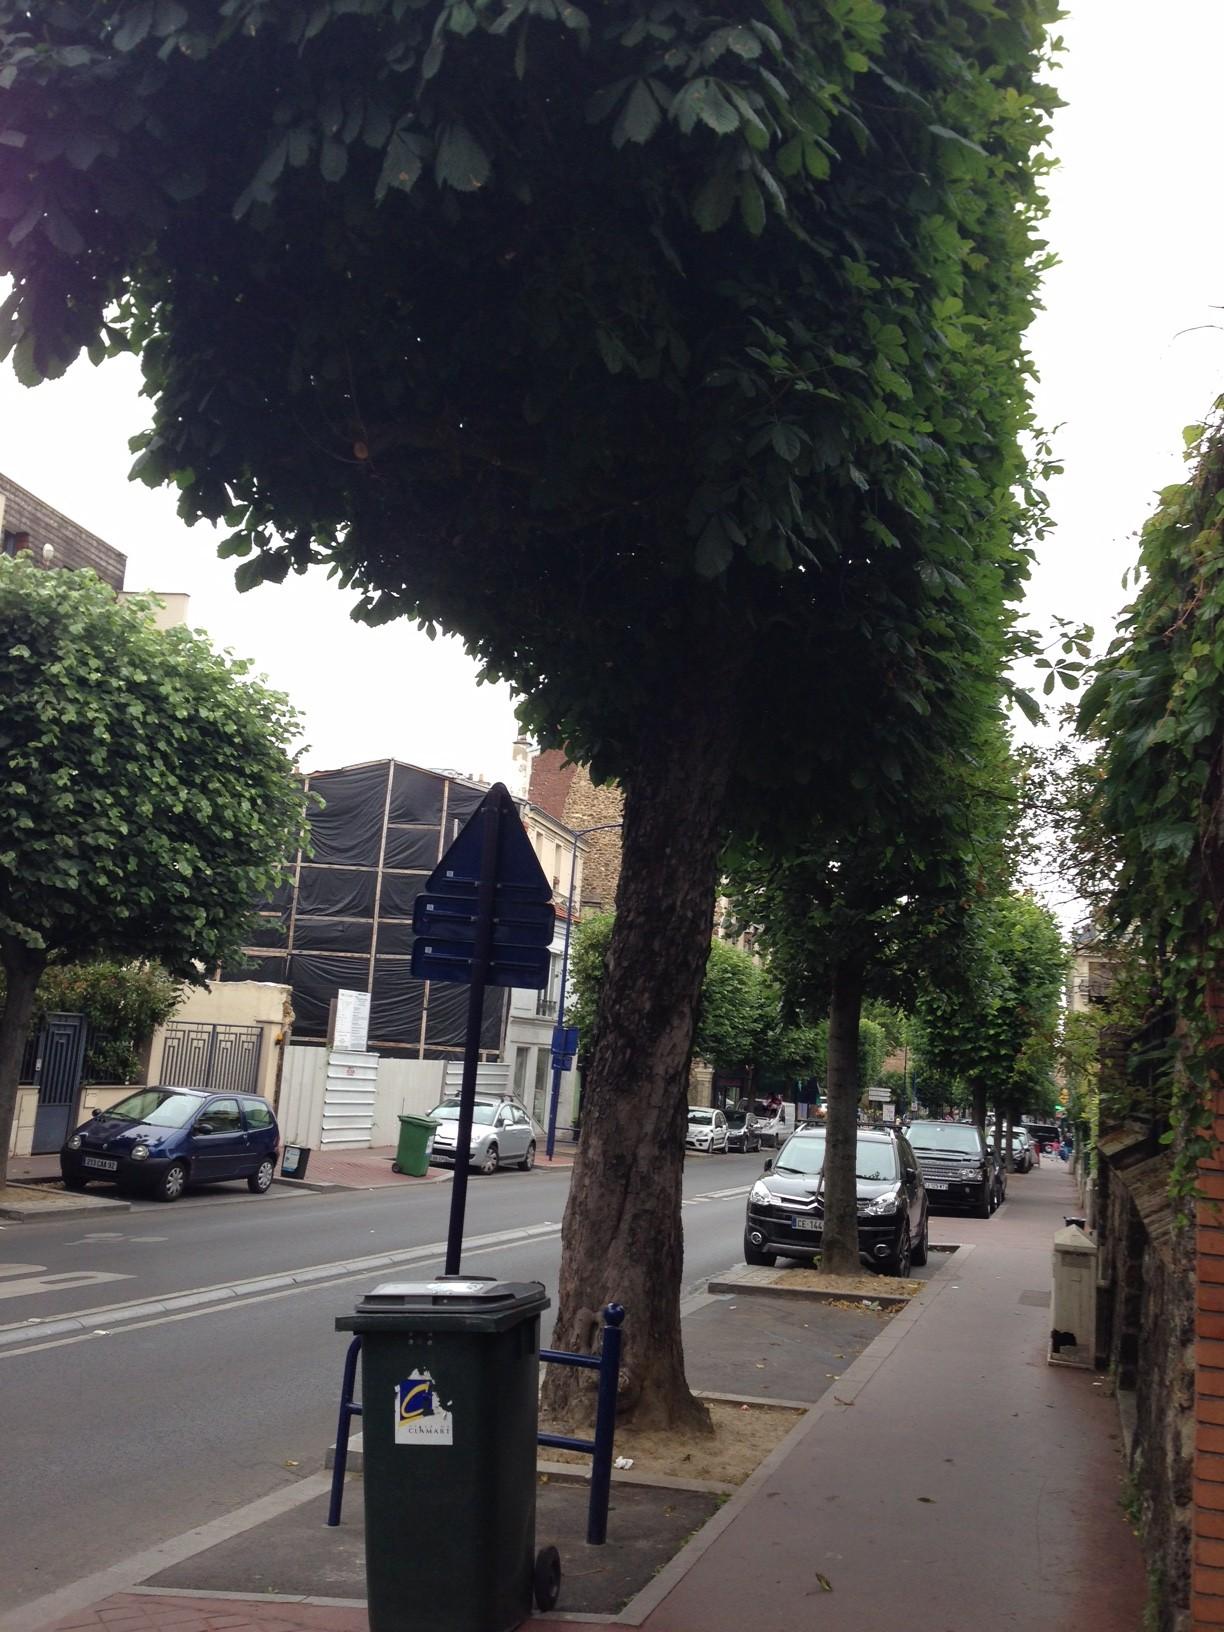 Travaux avenue jean jaur s abattage d arbres de 130 ans for Garage bobigny avenue jean jaures